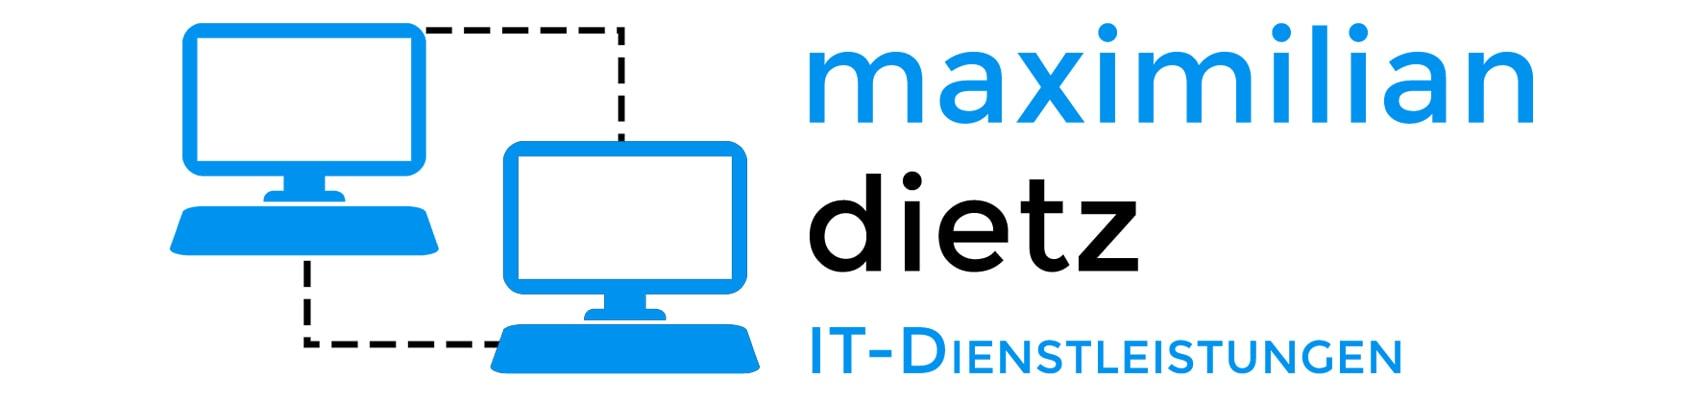 Maximilian Dietz IT-Dienstleistungen